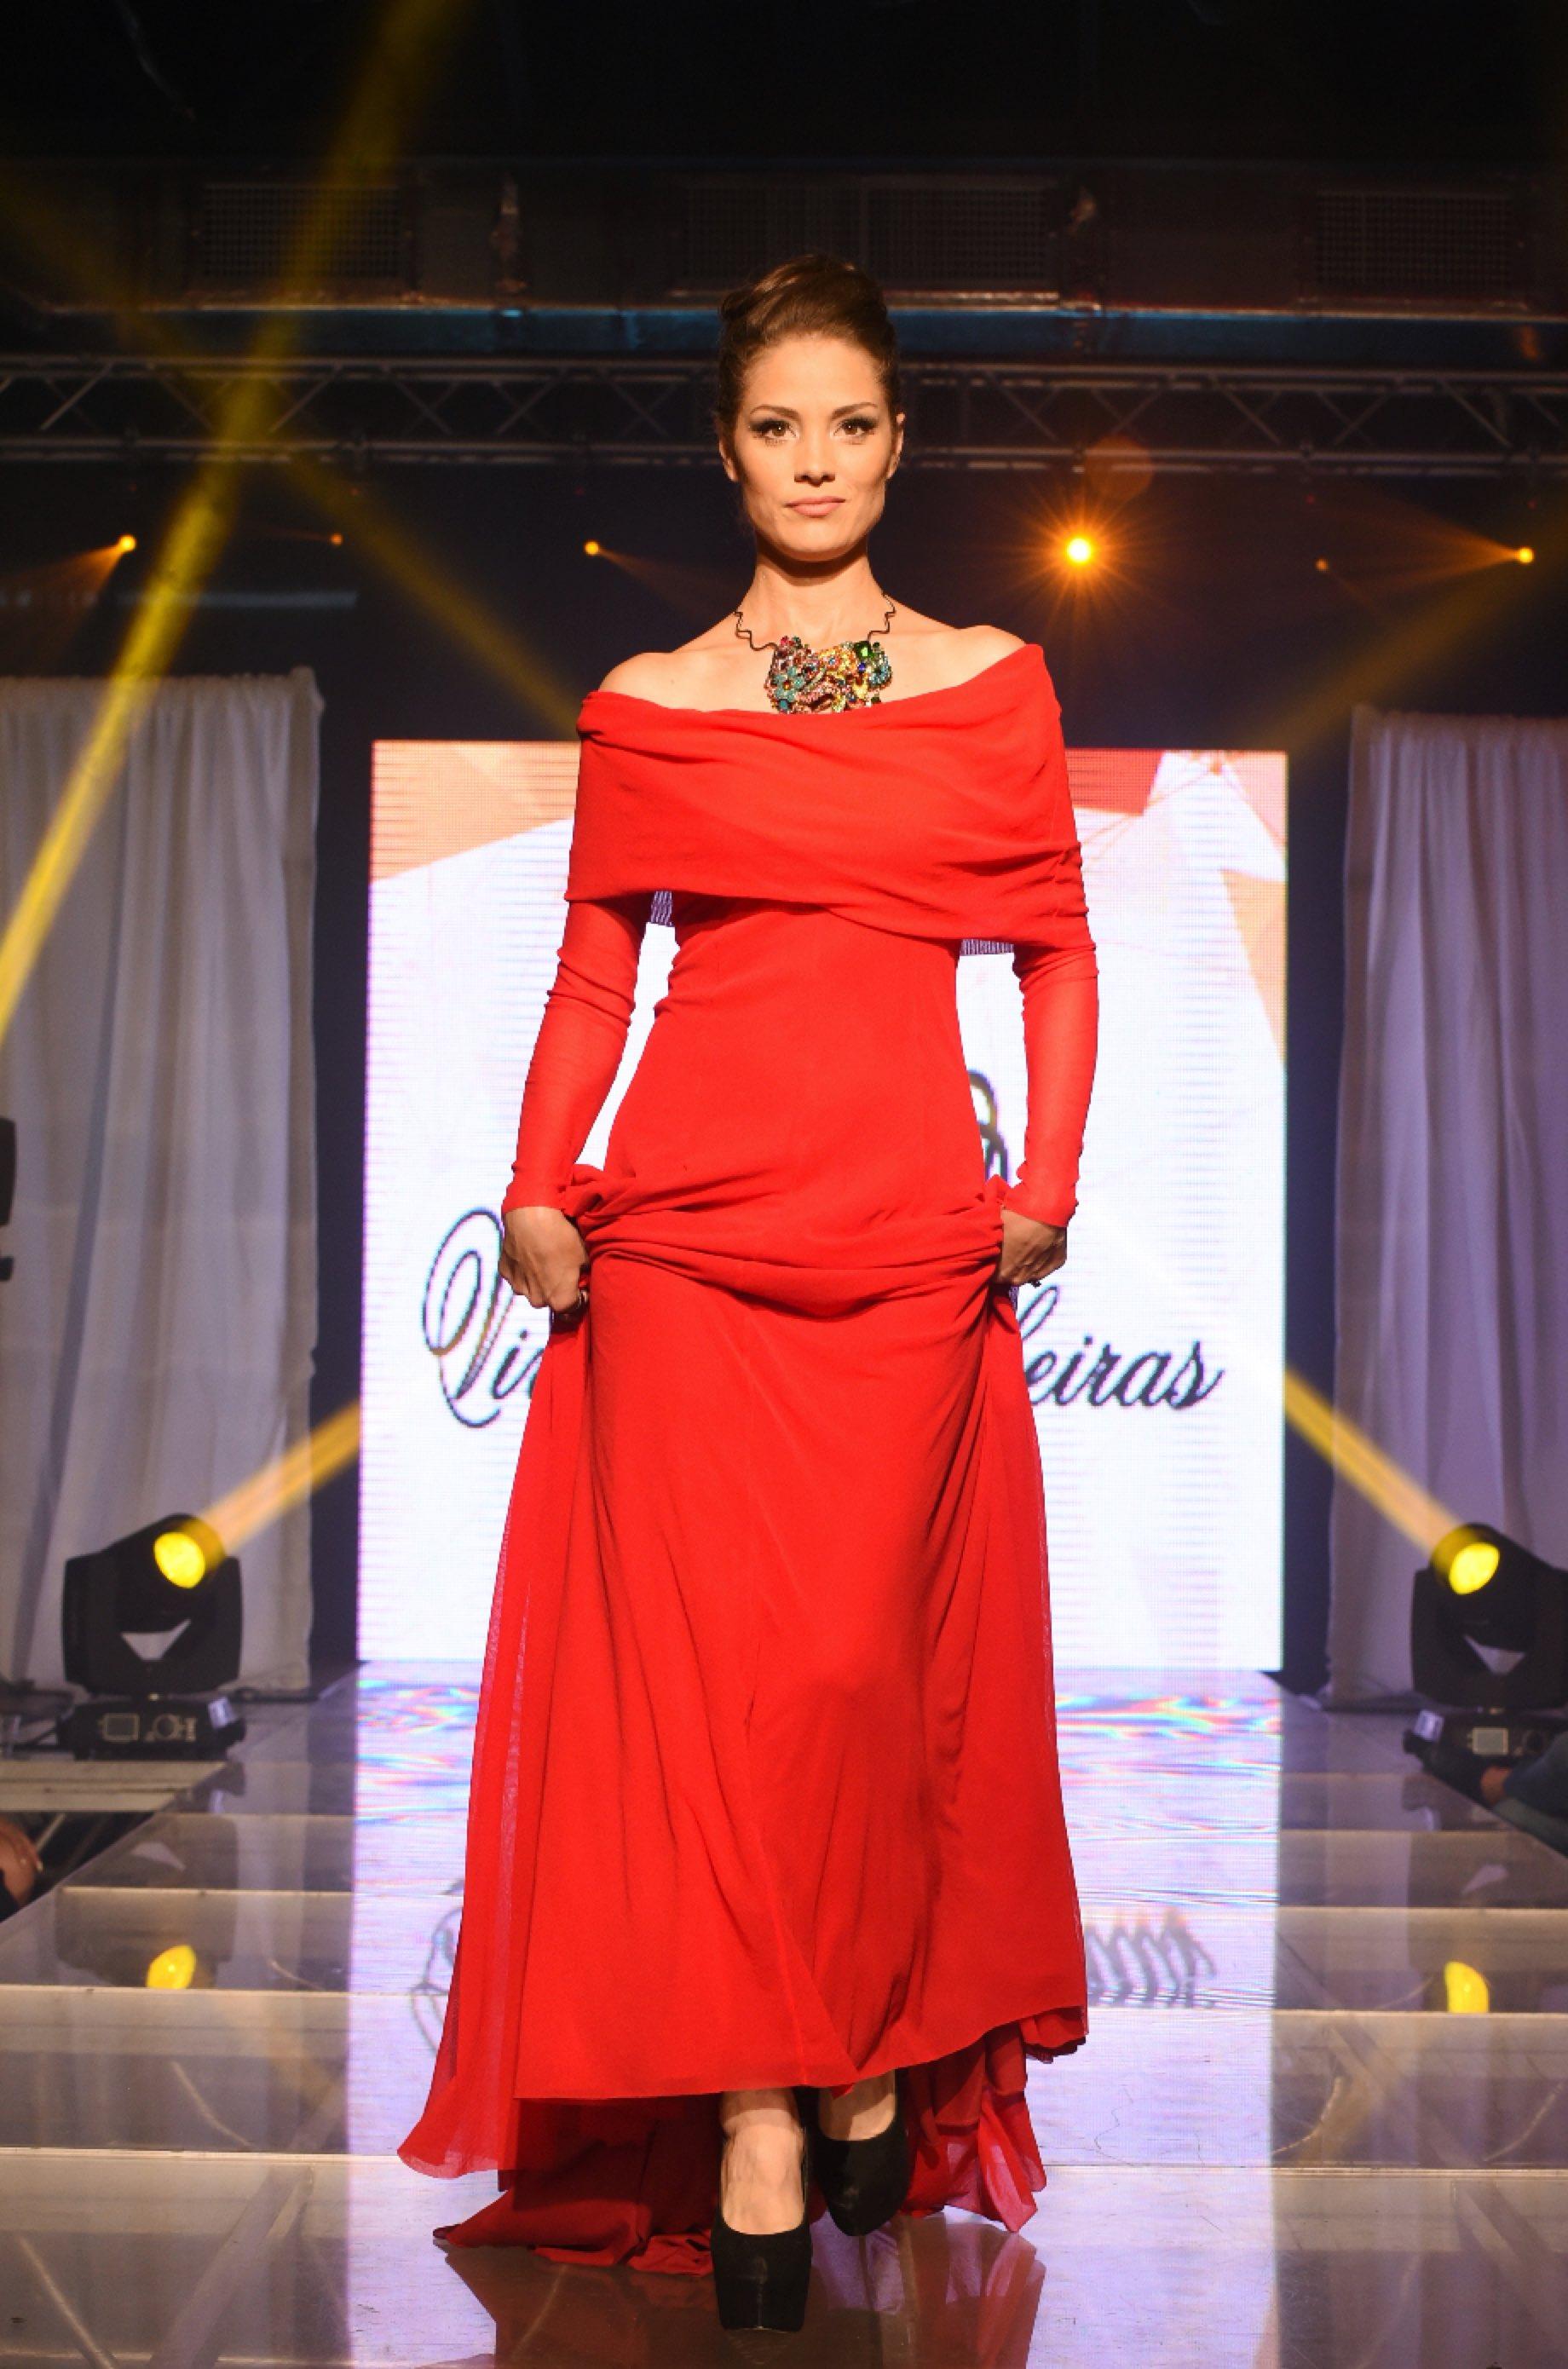 MHBF 2016 – Viviana Gabeiras – 8